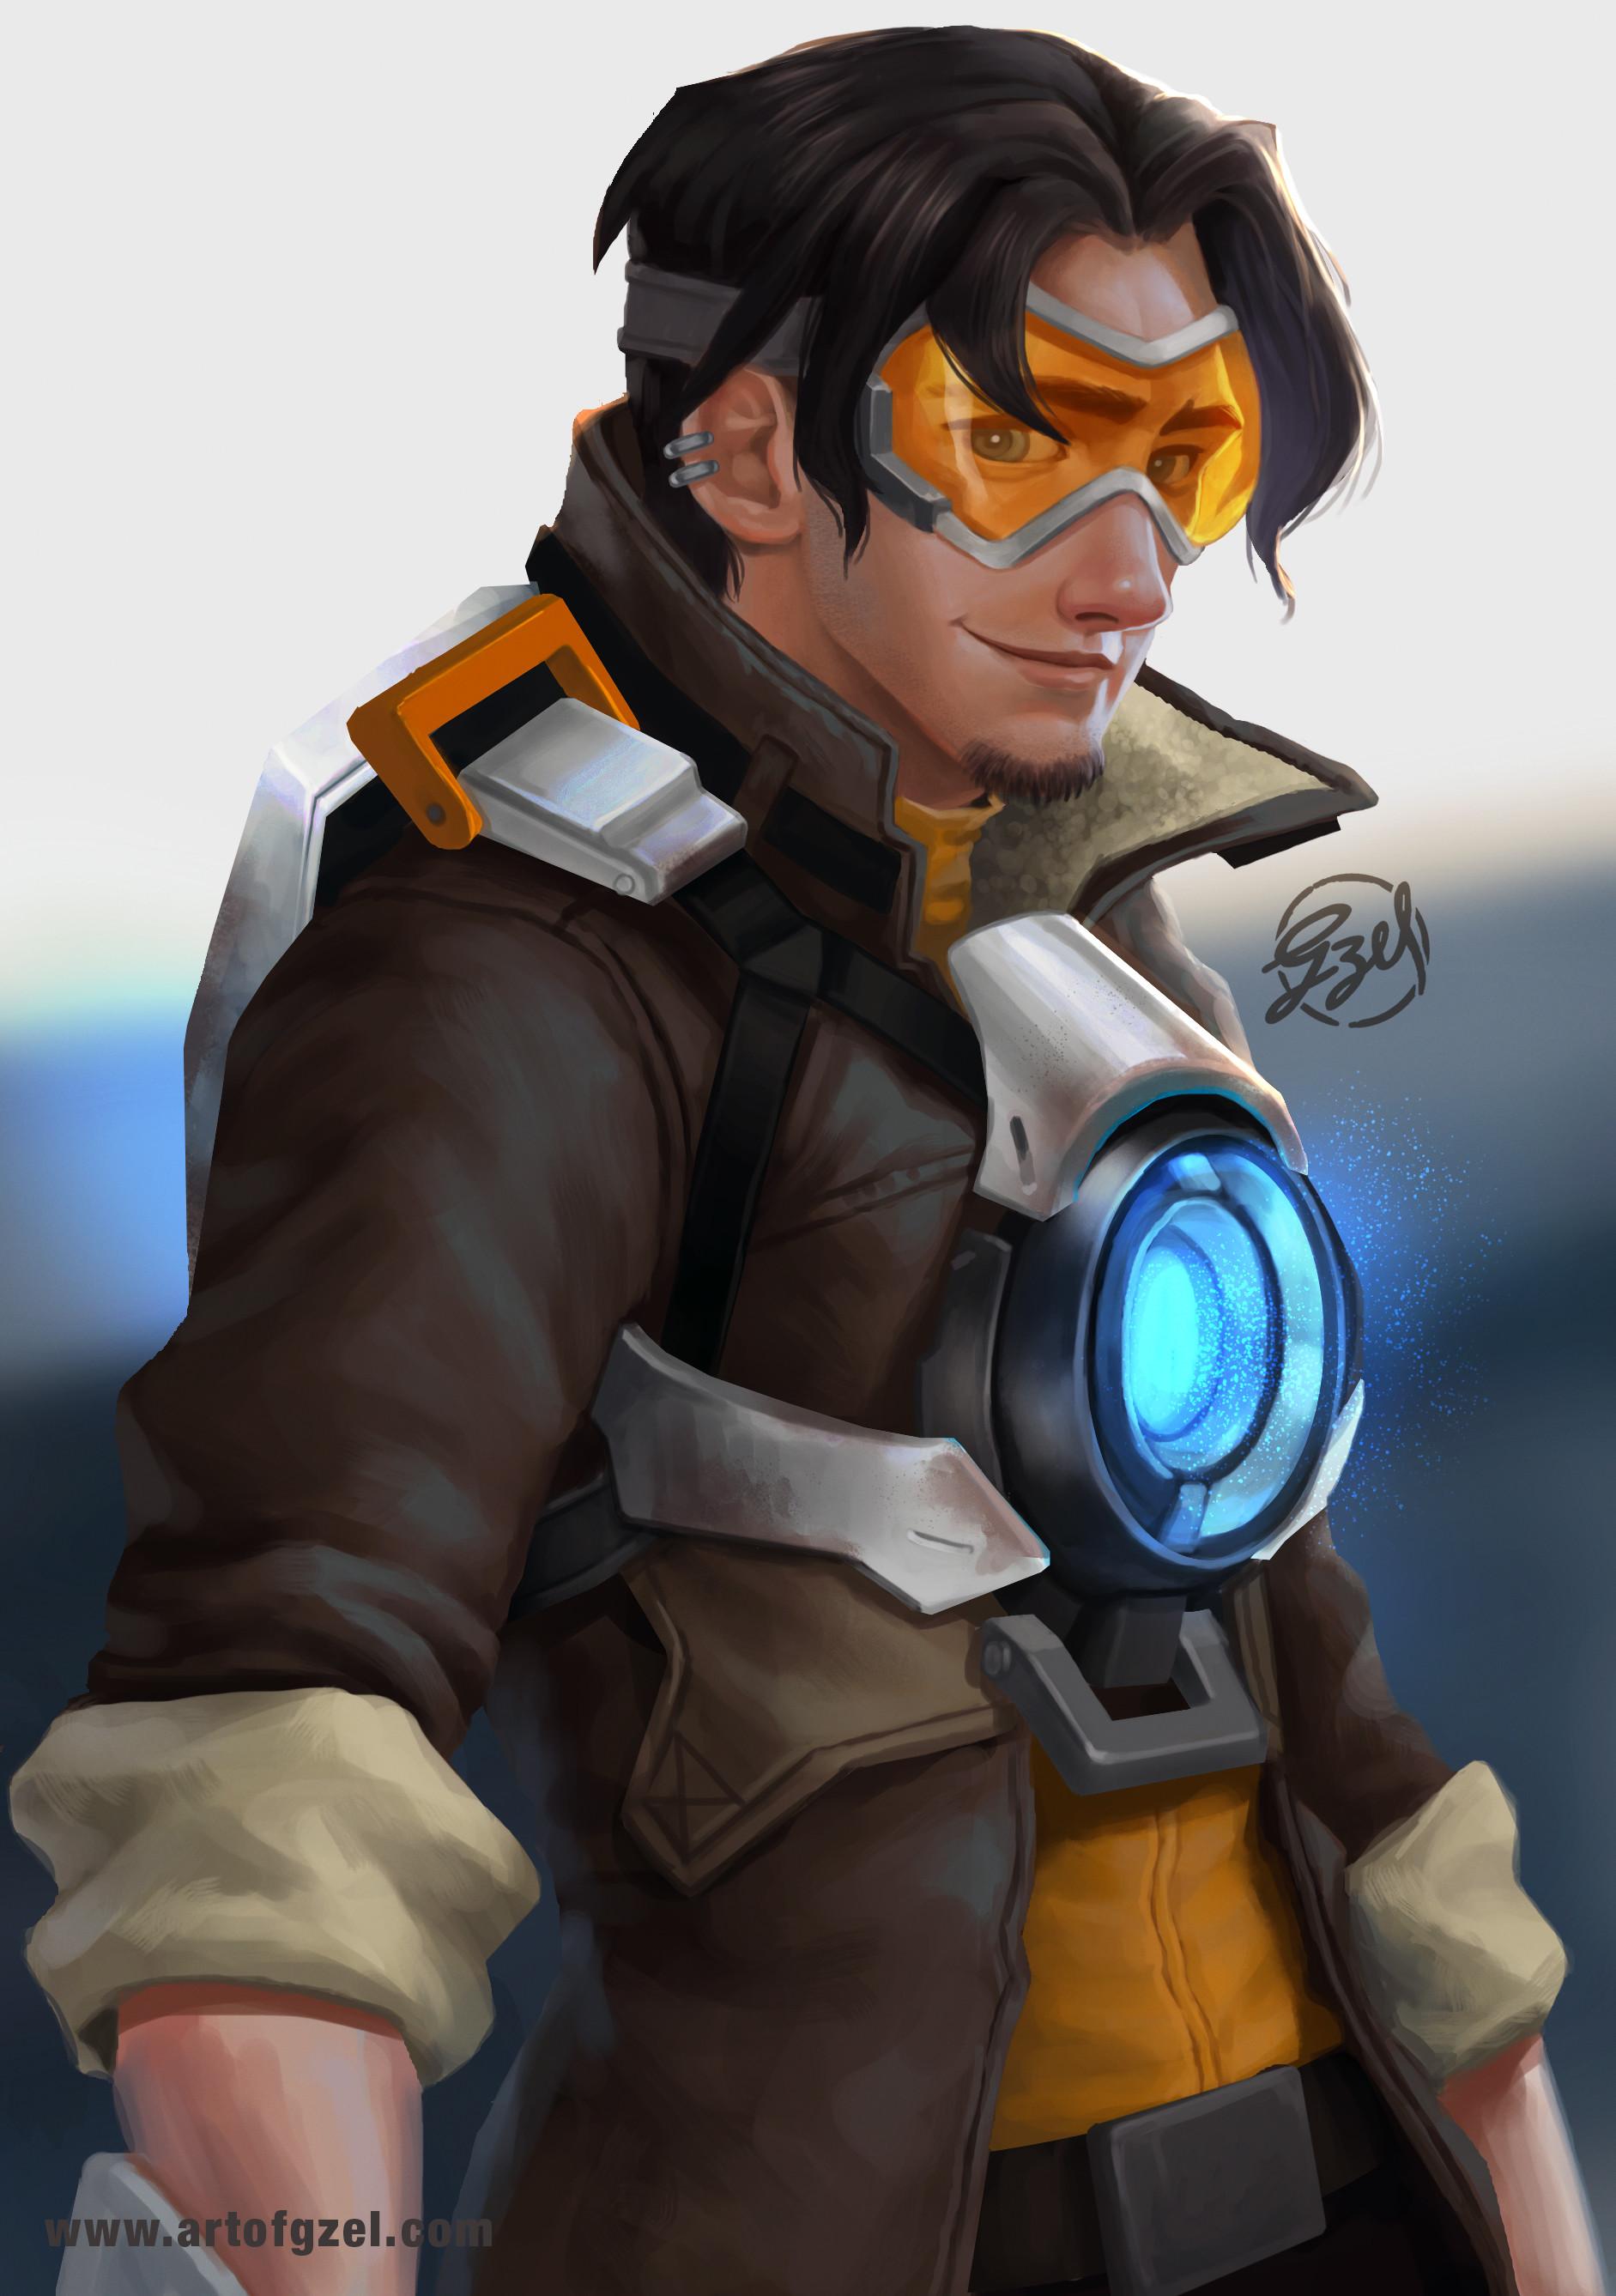 Flynn Rider as a guy Tracer